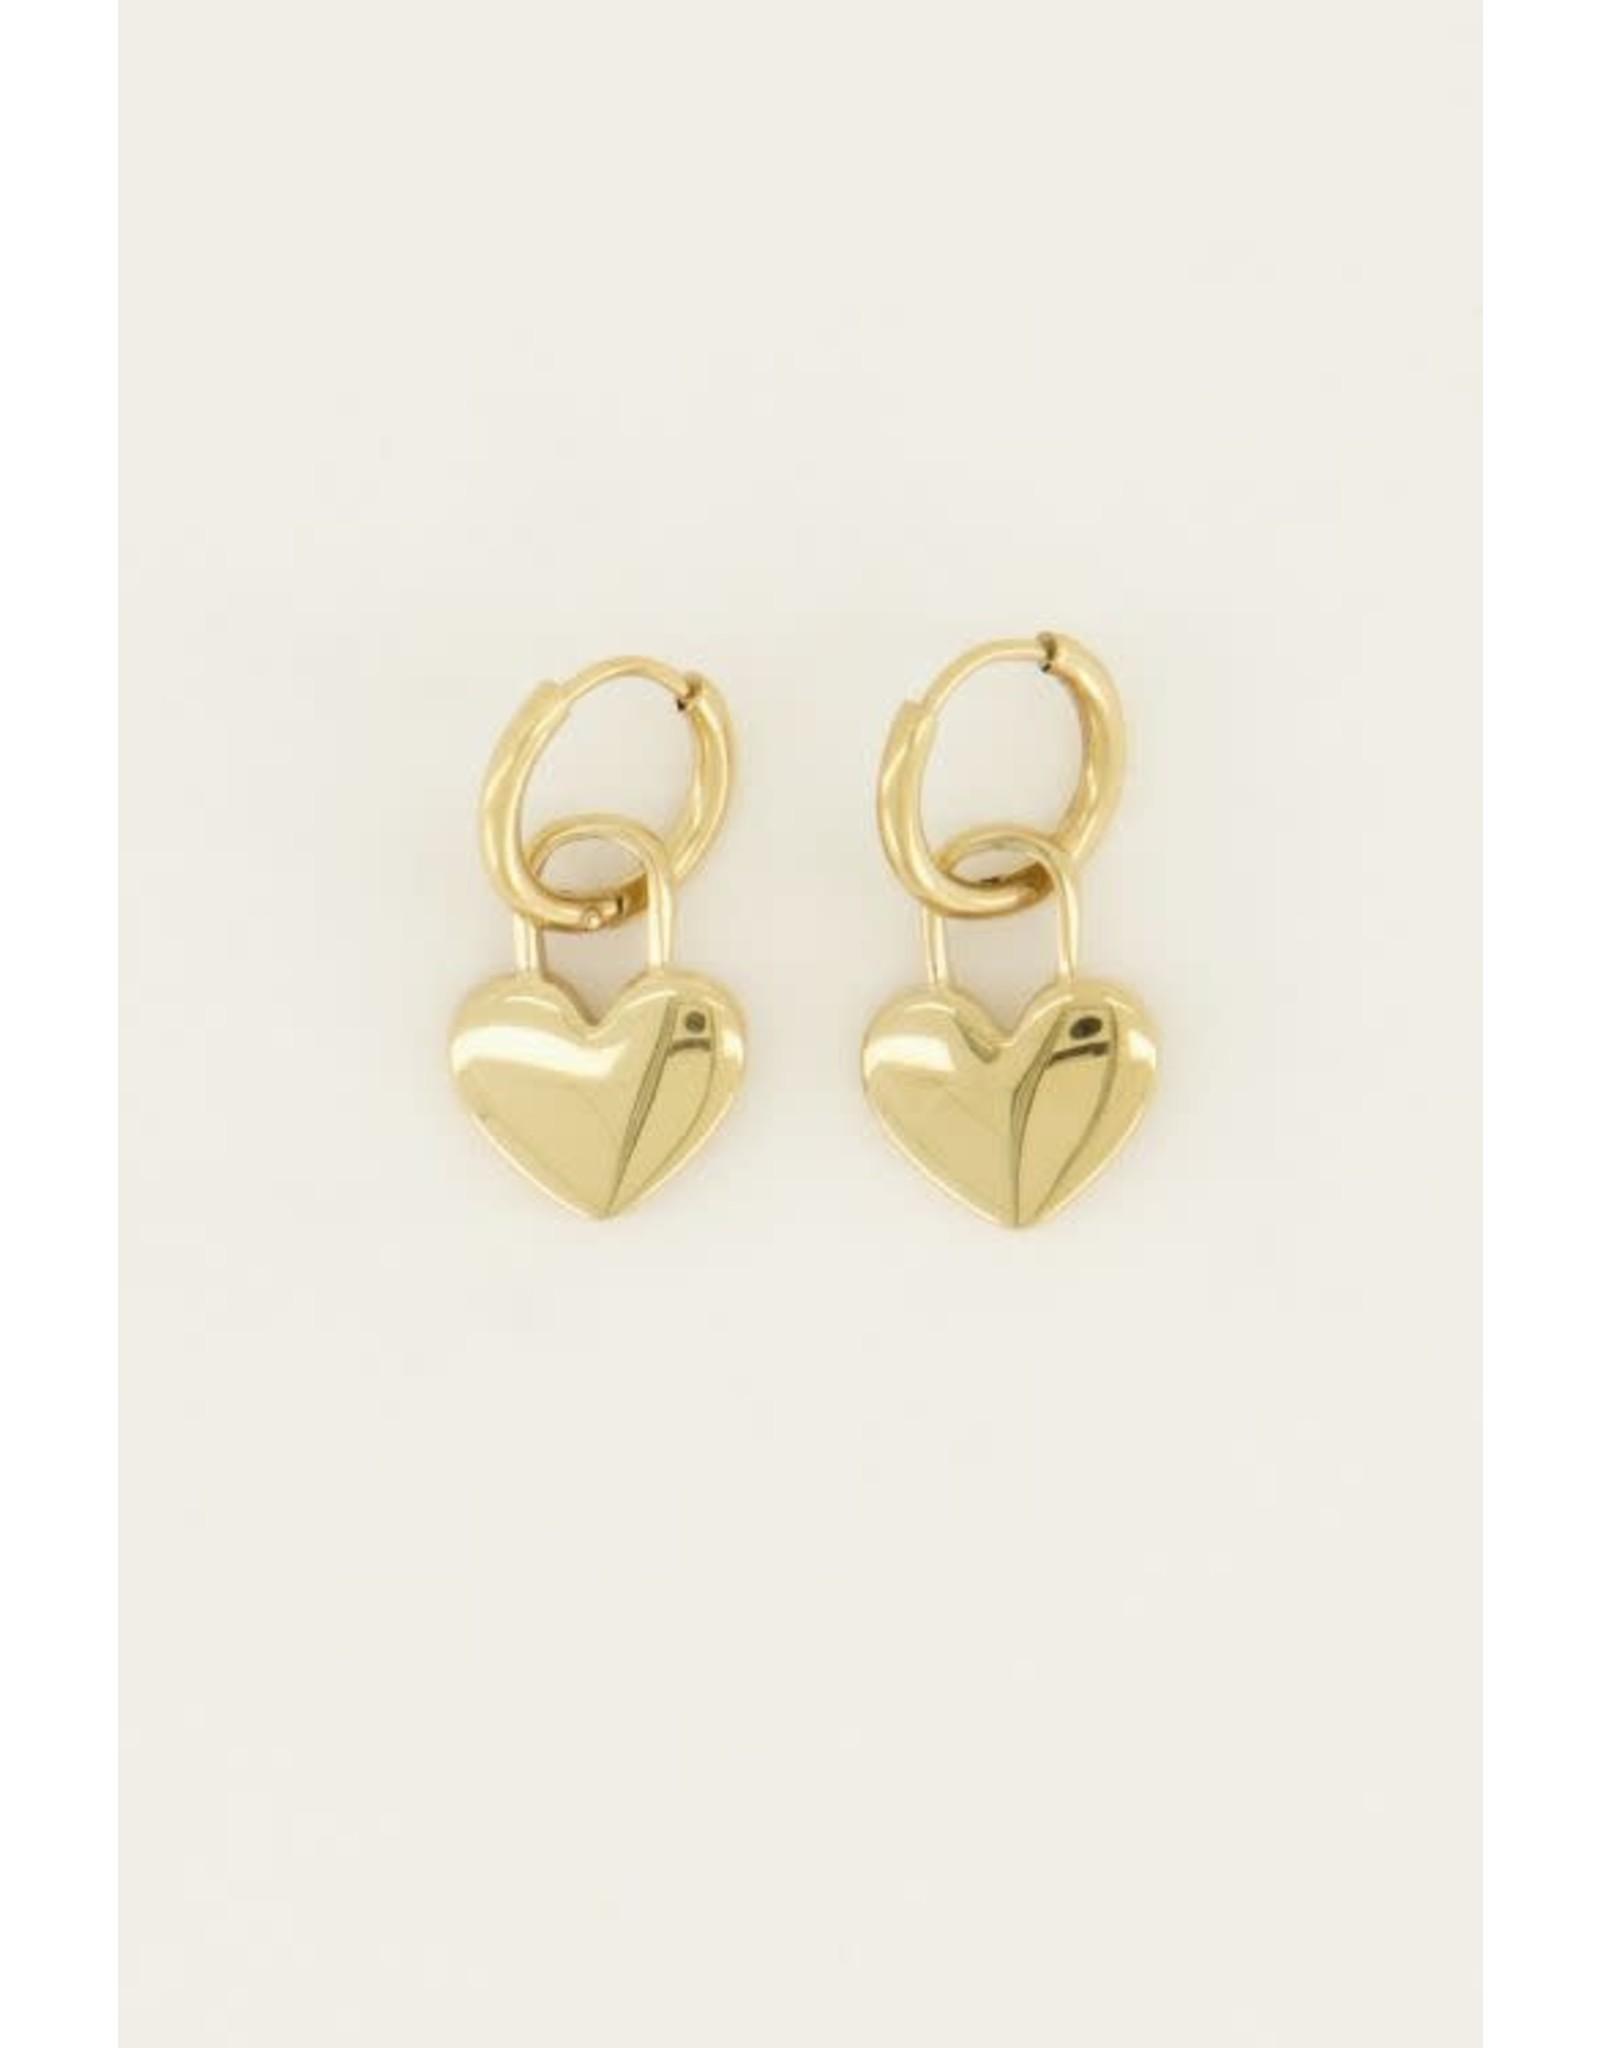 My Jewellery My Jewellery oorringen hartjes slot